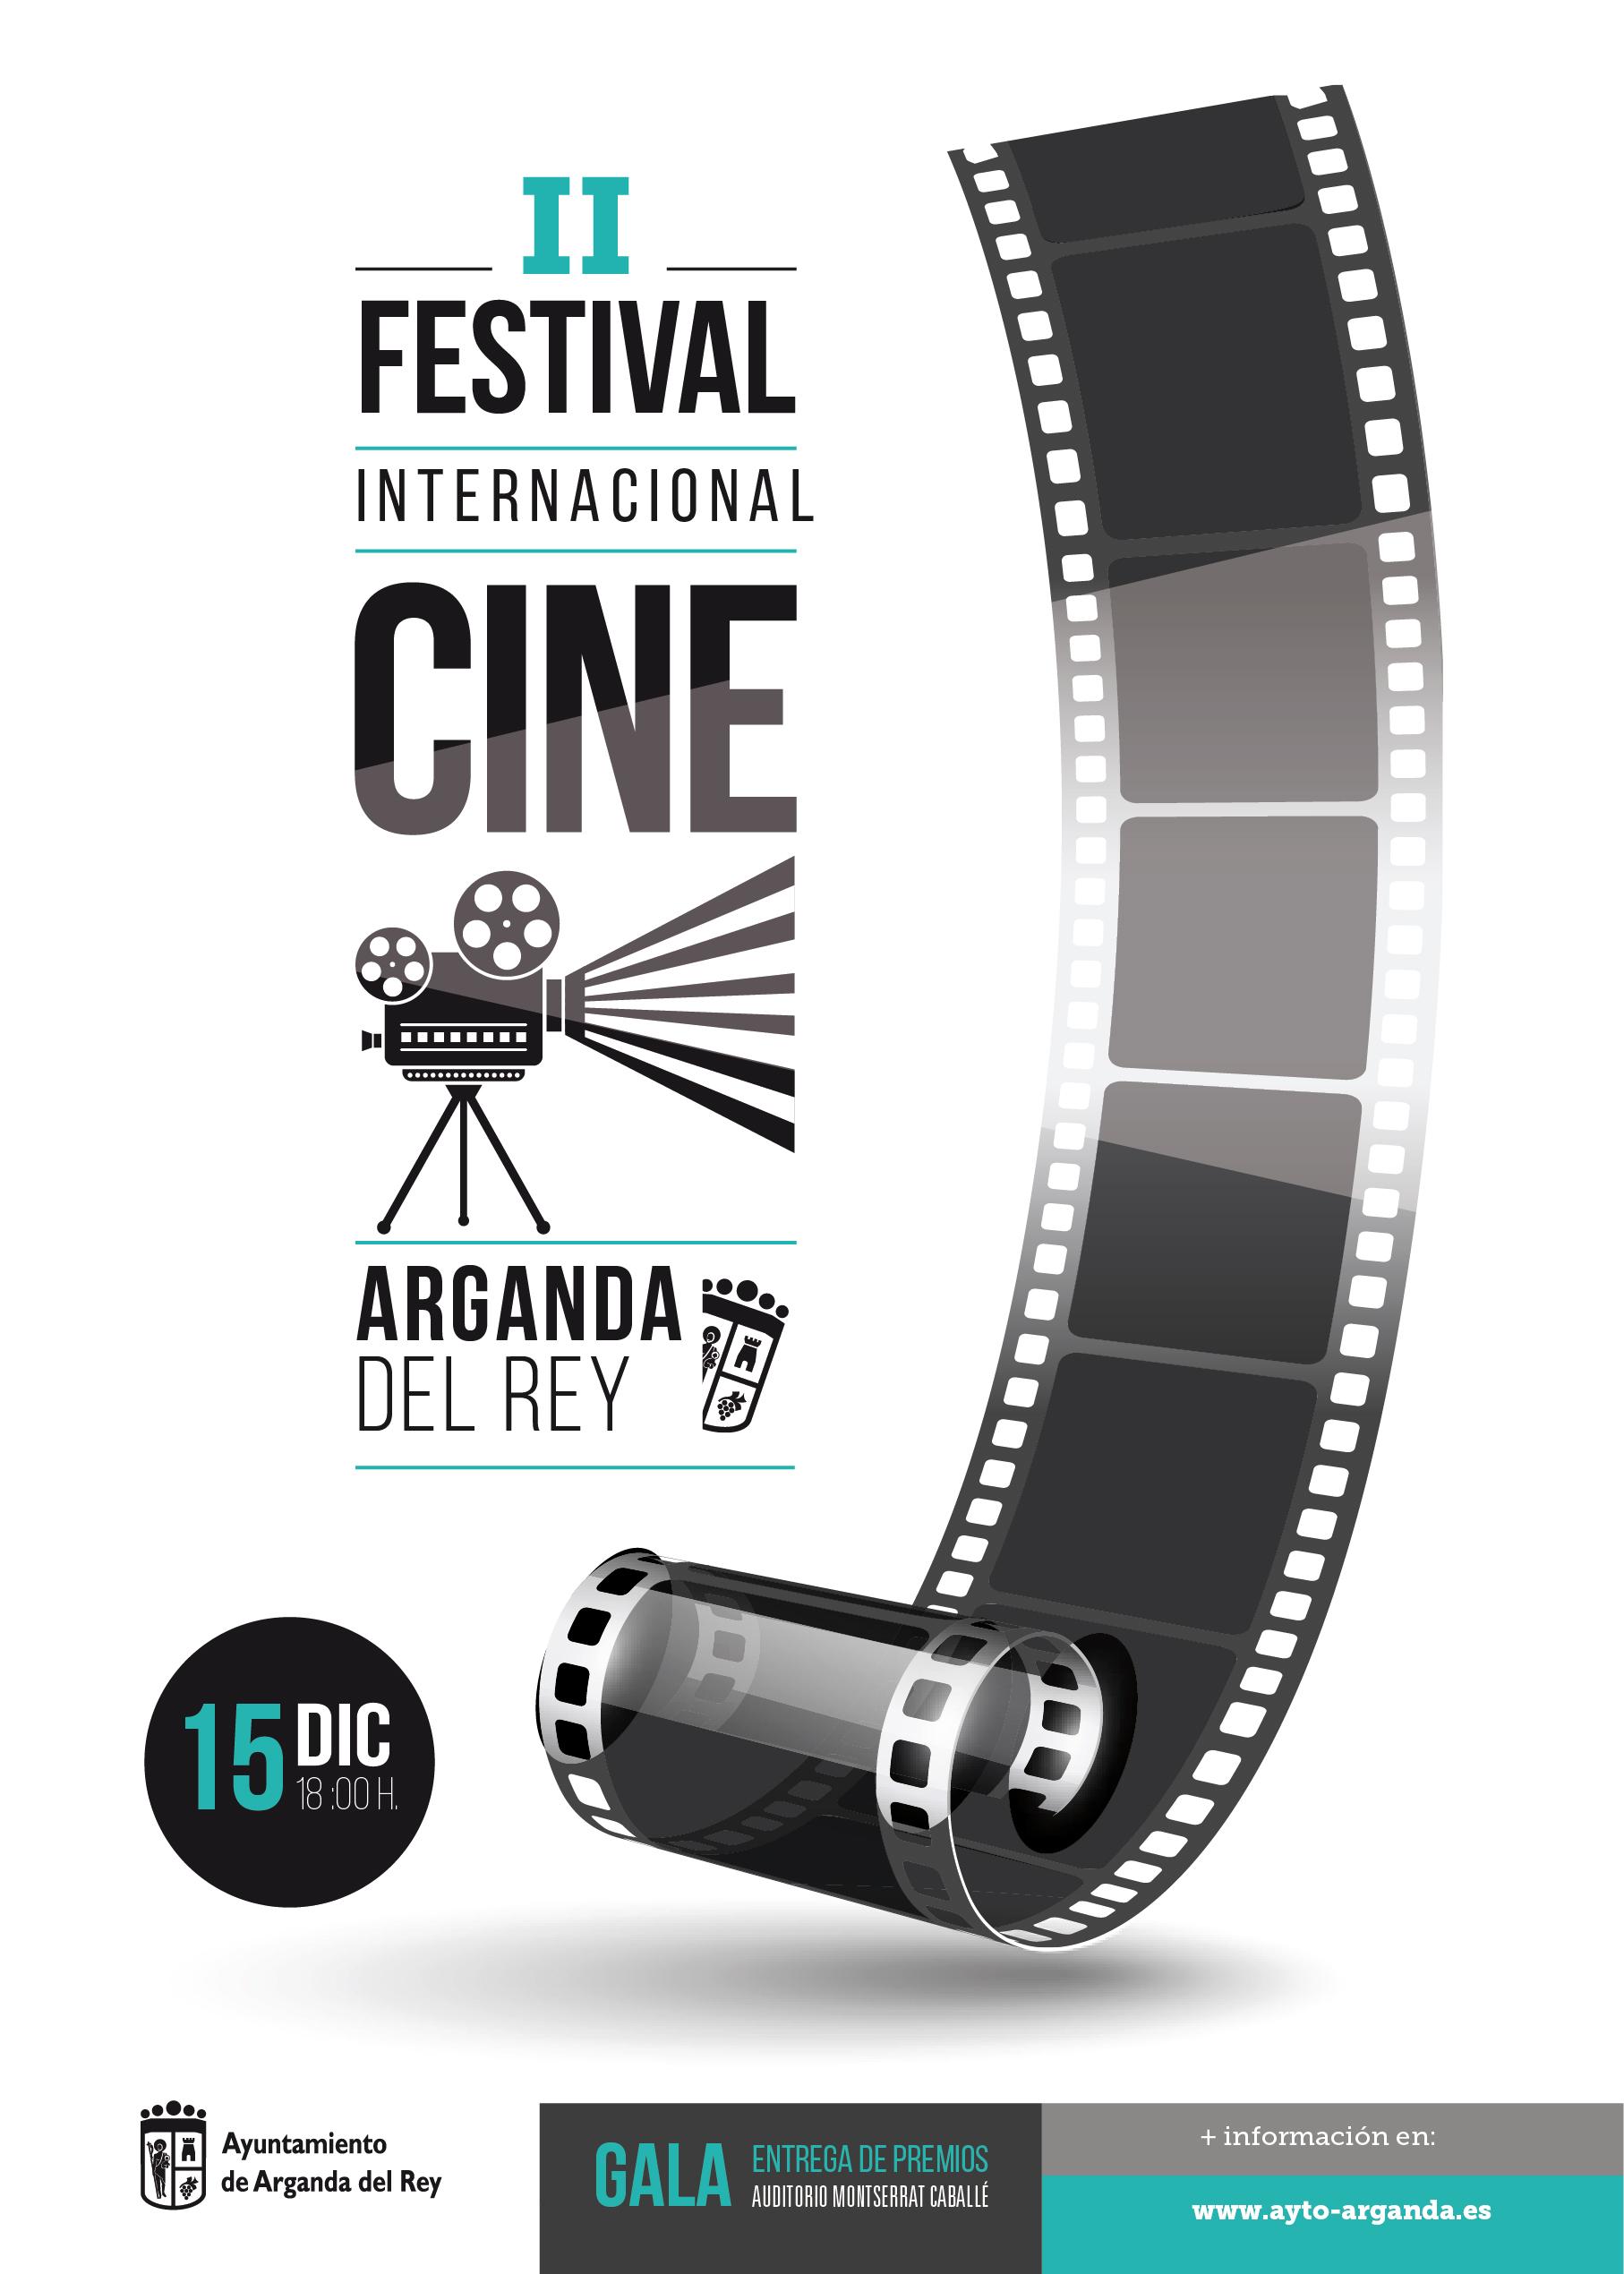 El Ayuntamiento de Arganda del Rey convoca el II Festival Internacional de Cine